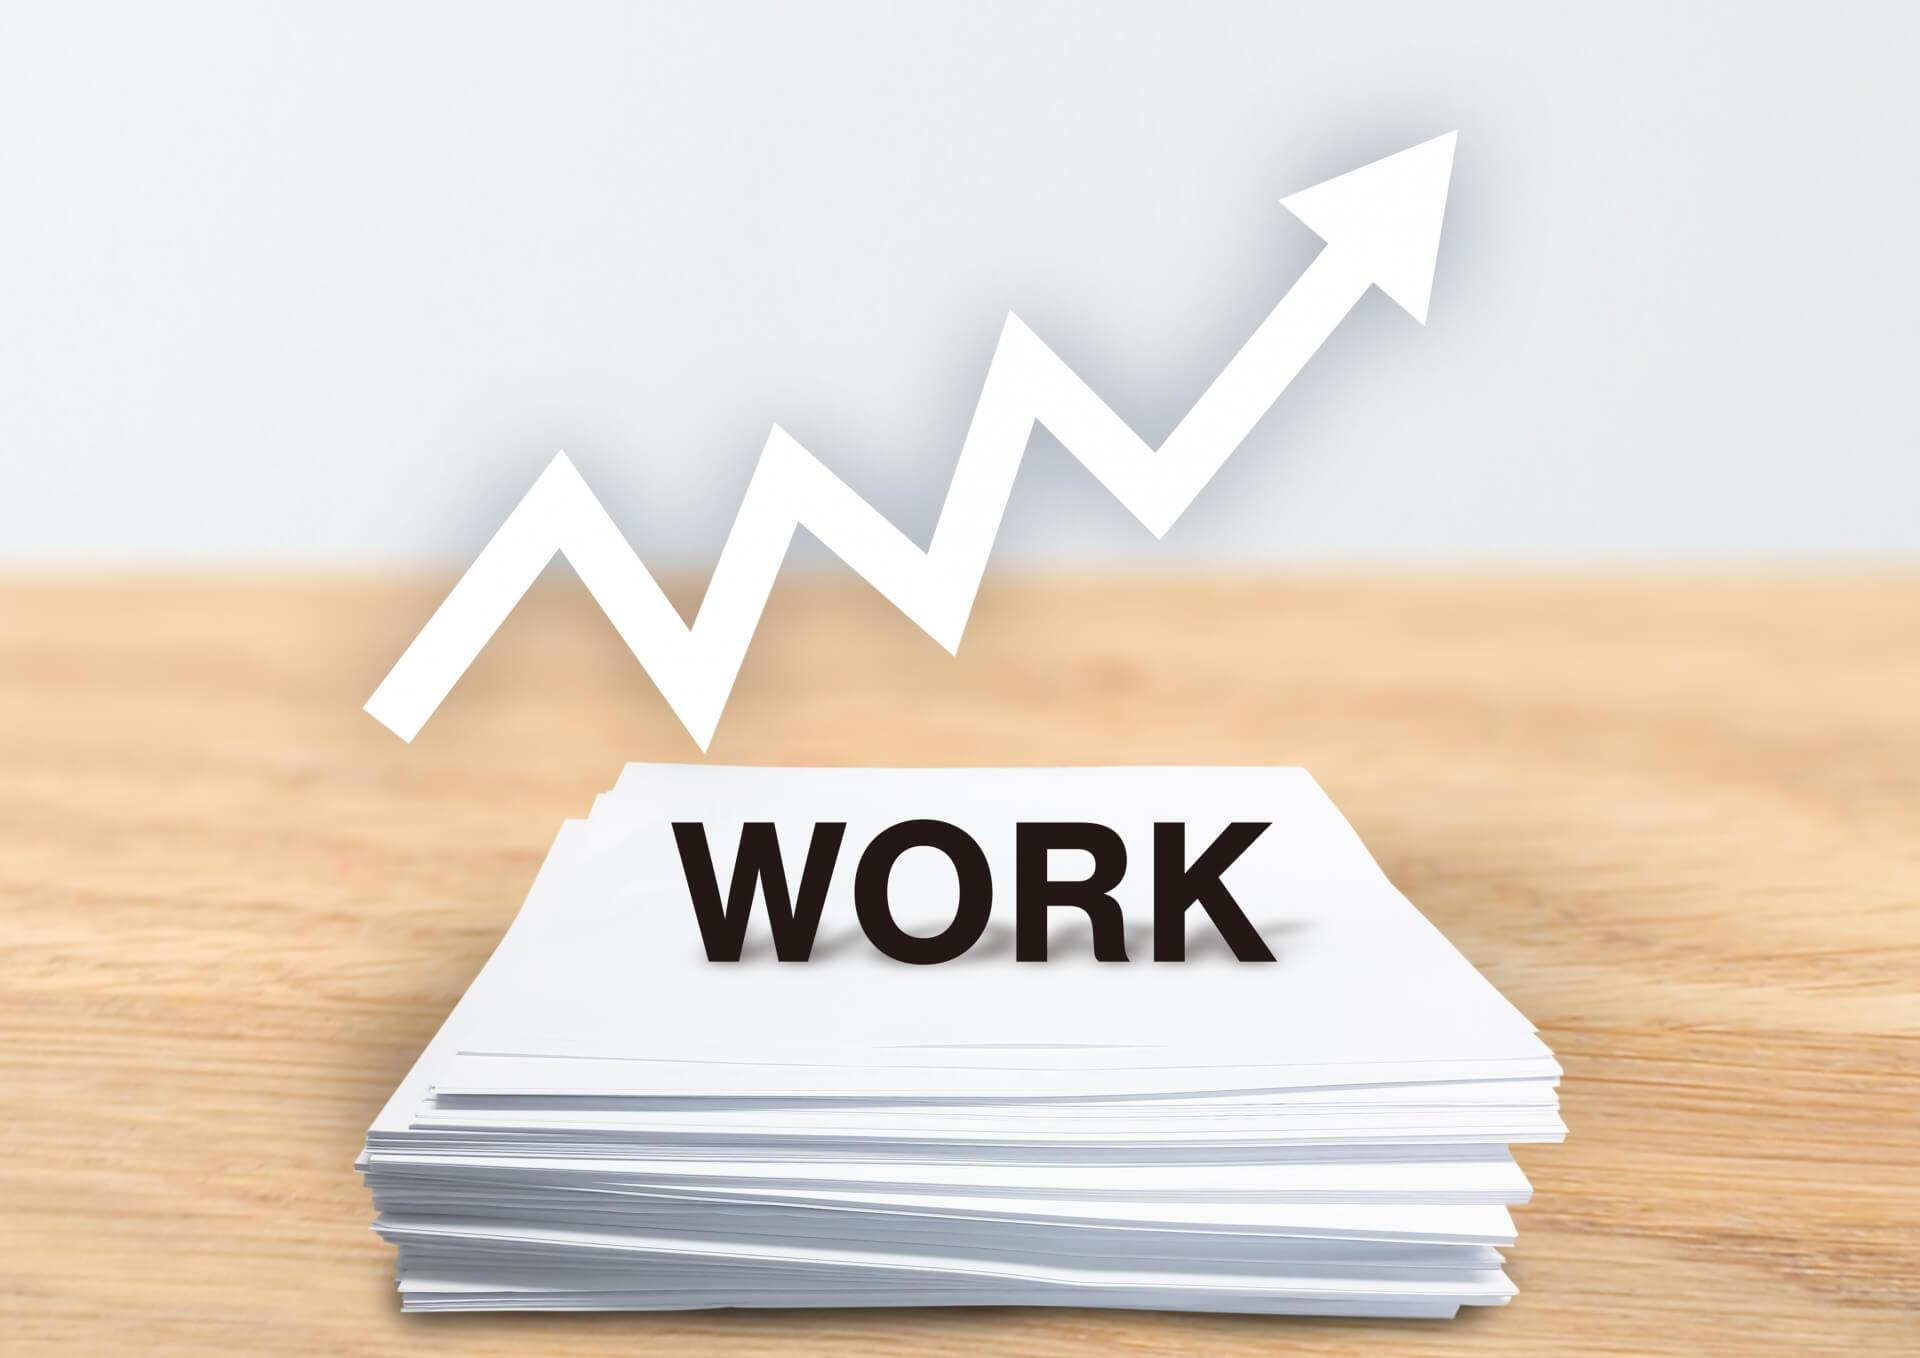 生産性向上の方法とは?|指標を使った分析と成功事例を紹介